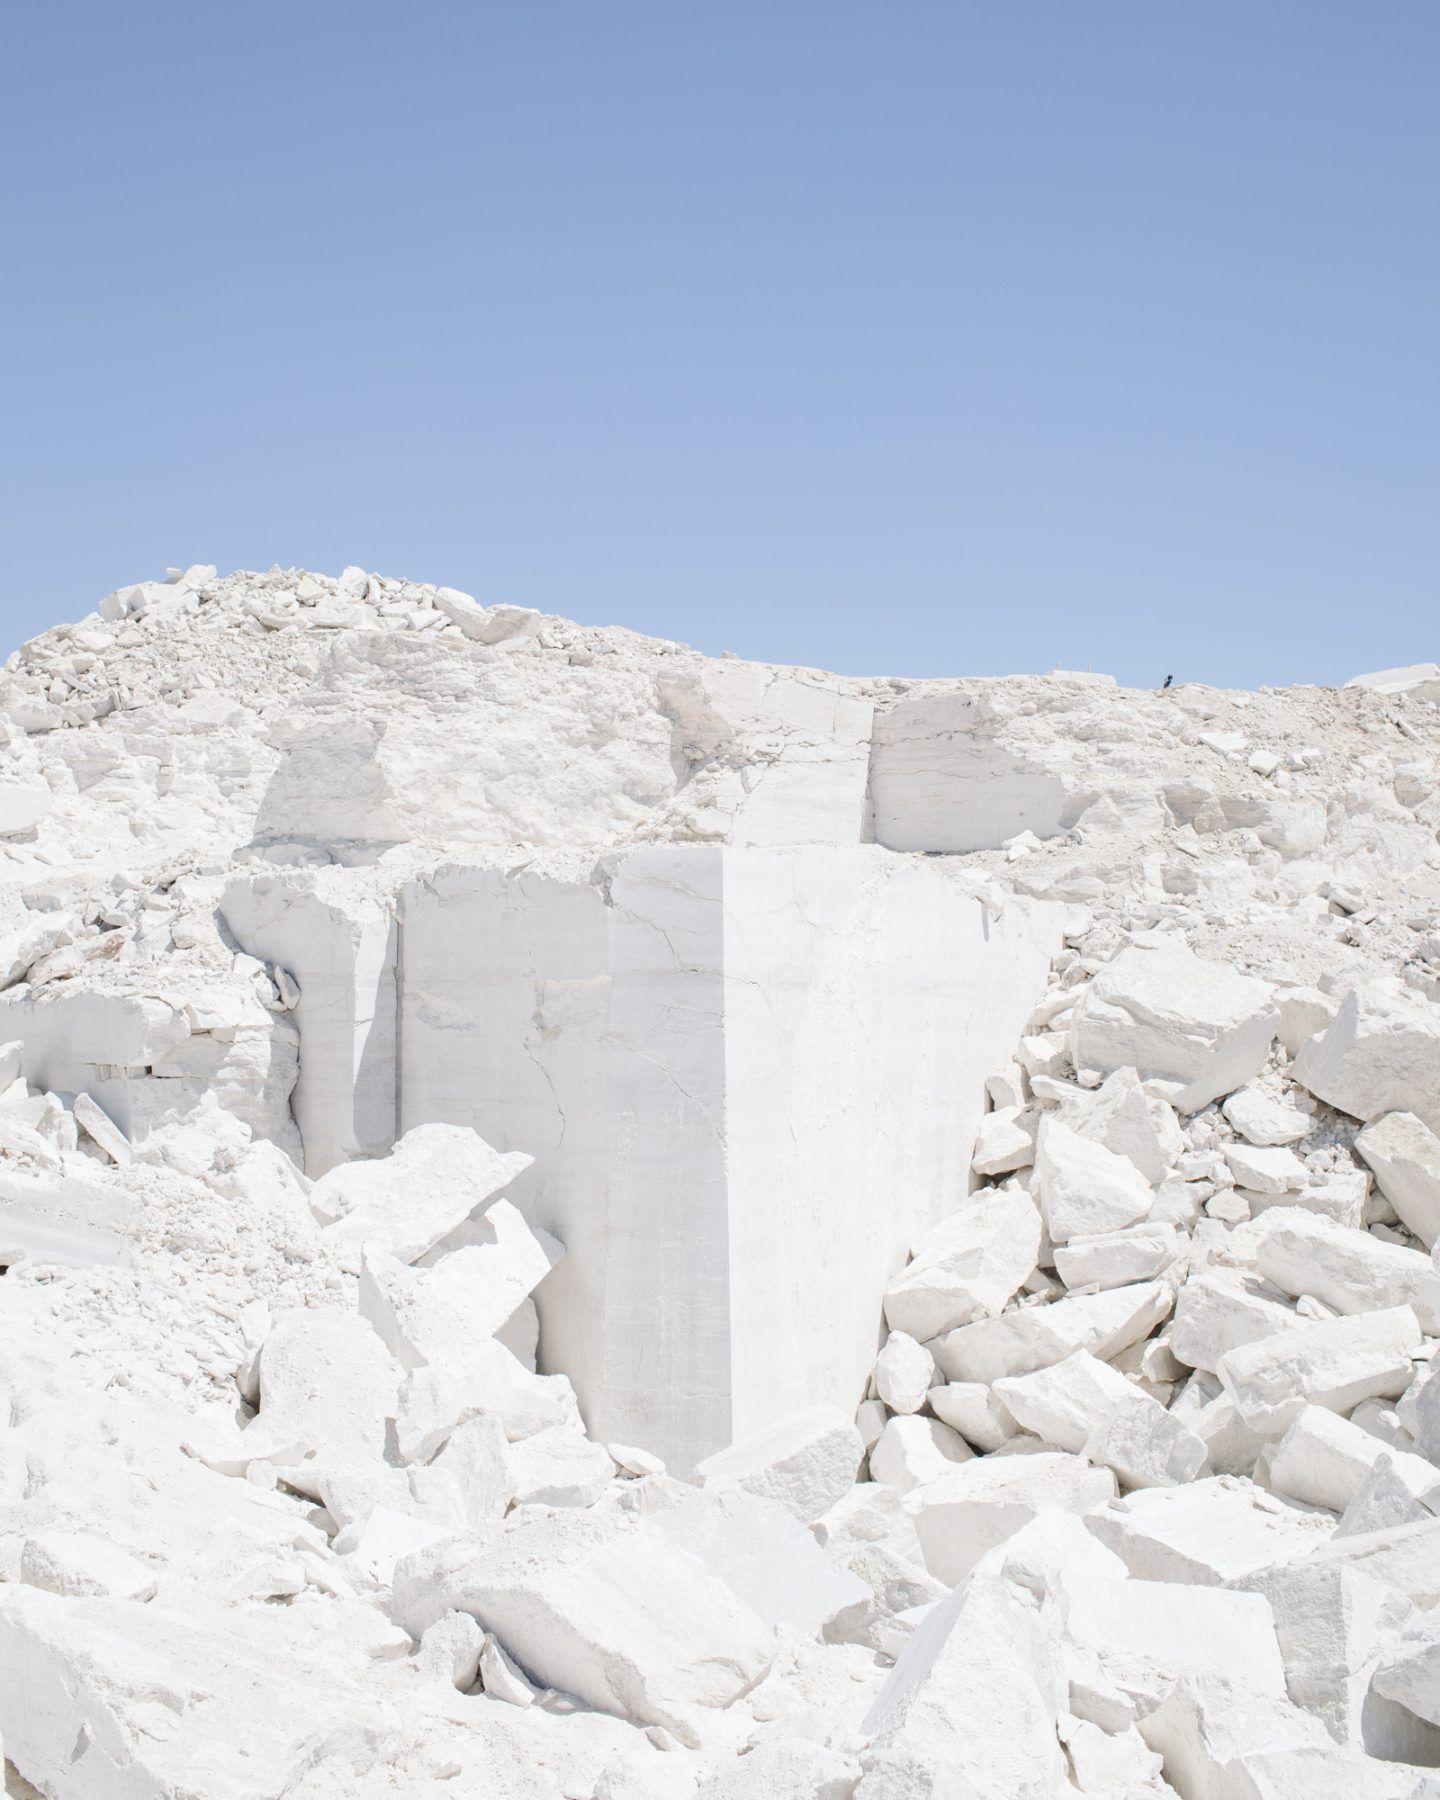 IGNANT-Photography-Marco-Szegers-Water-Mining-Exodus-03